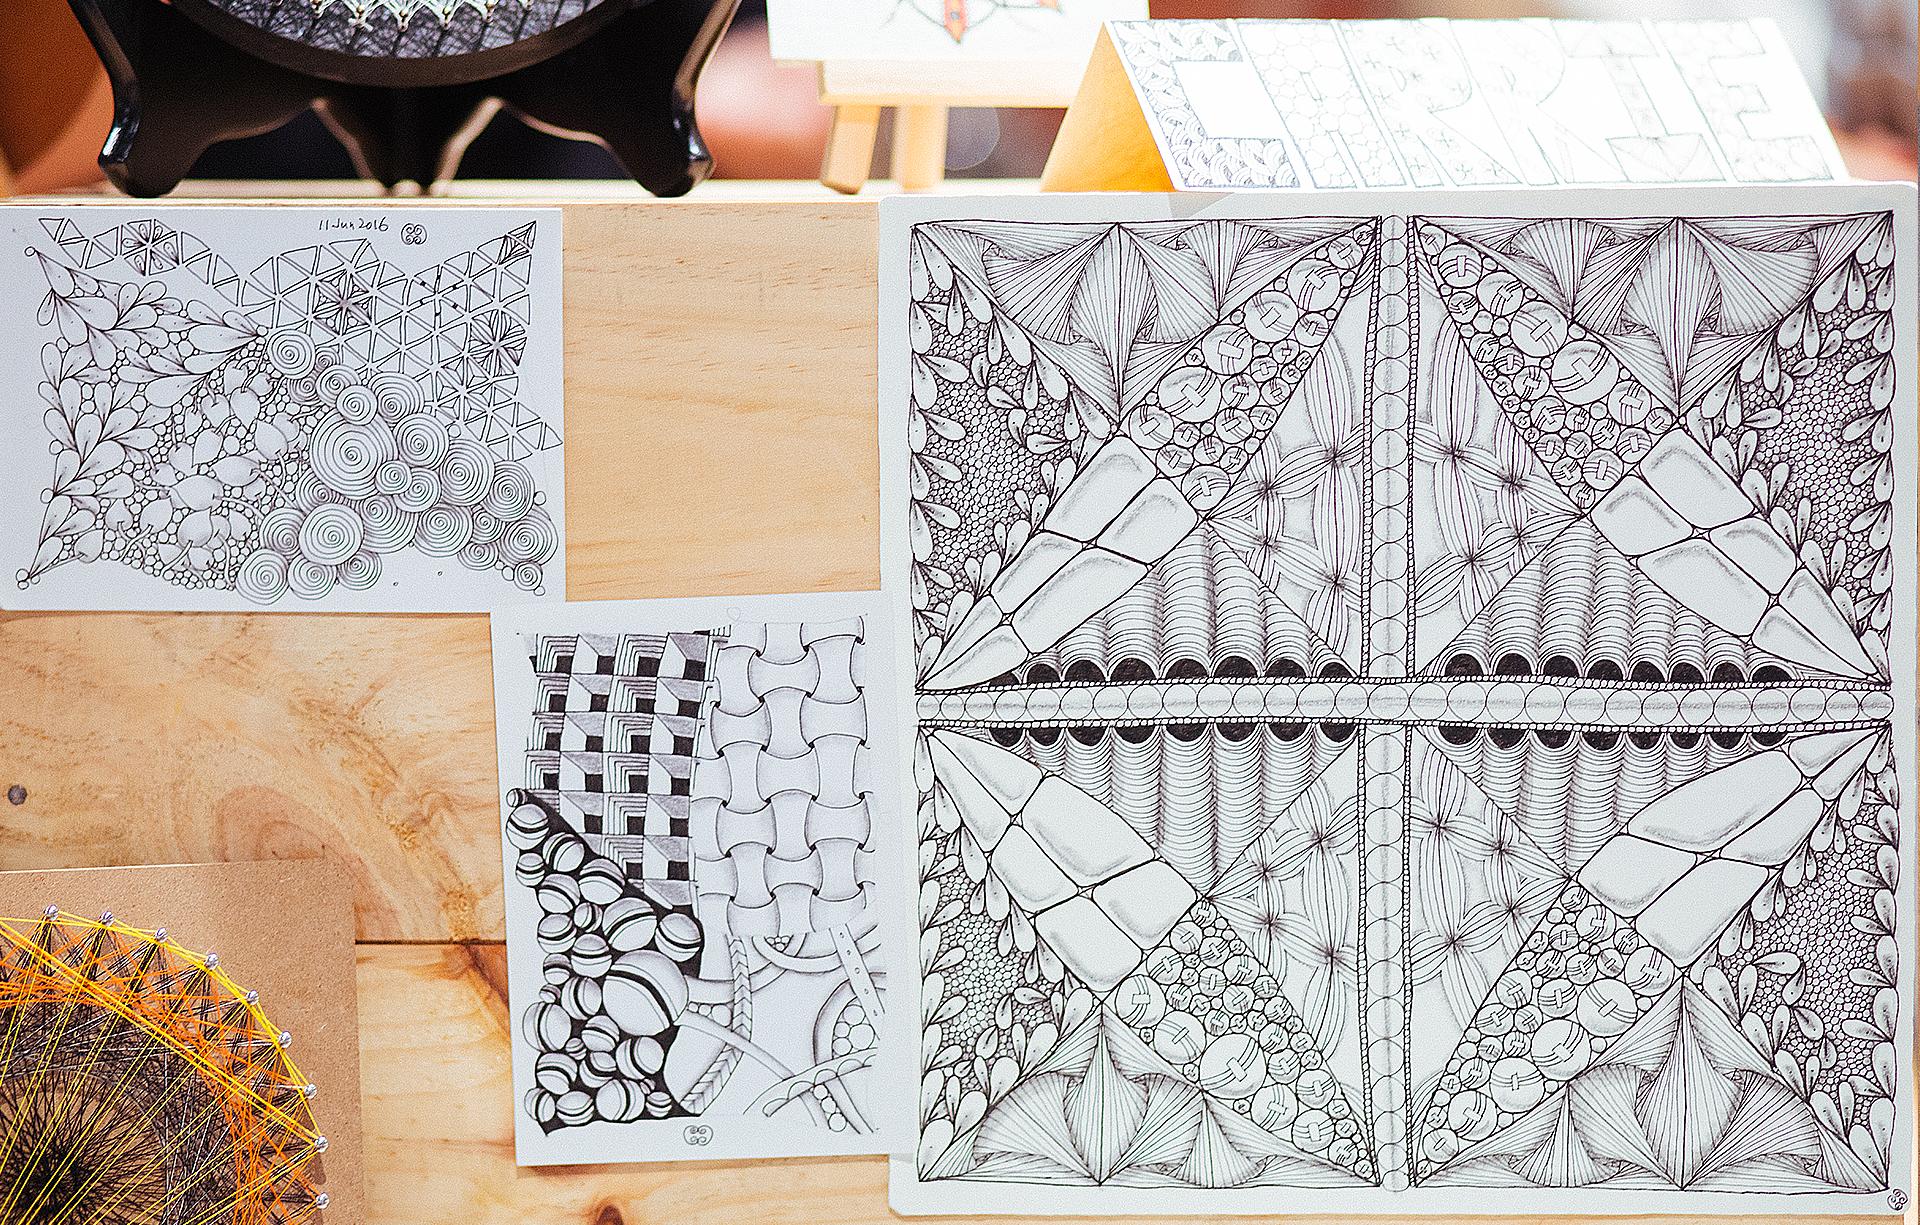 禪繞畫把圖像糾集交織成獨特構圖,風格強烈,不但具有觀賞性,當中更蘊含人生哲理。